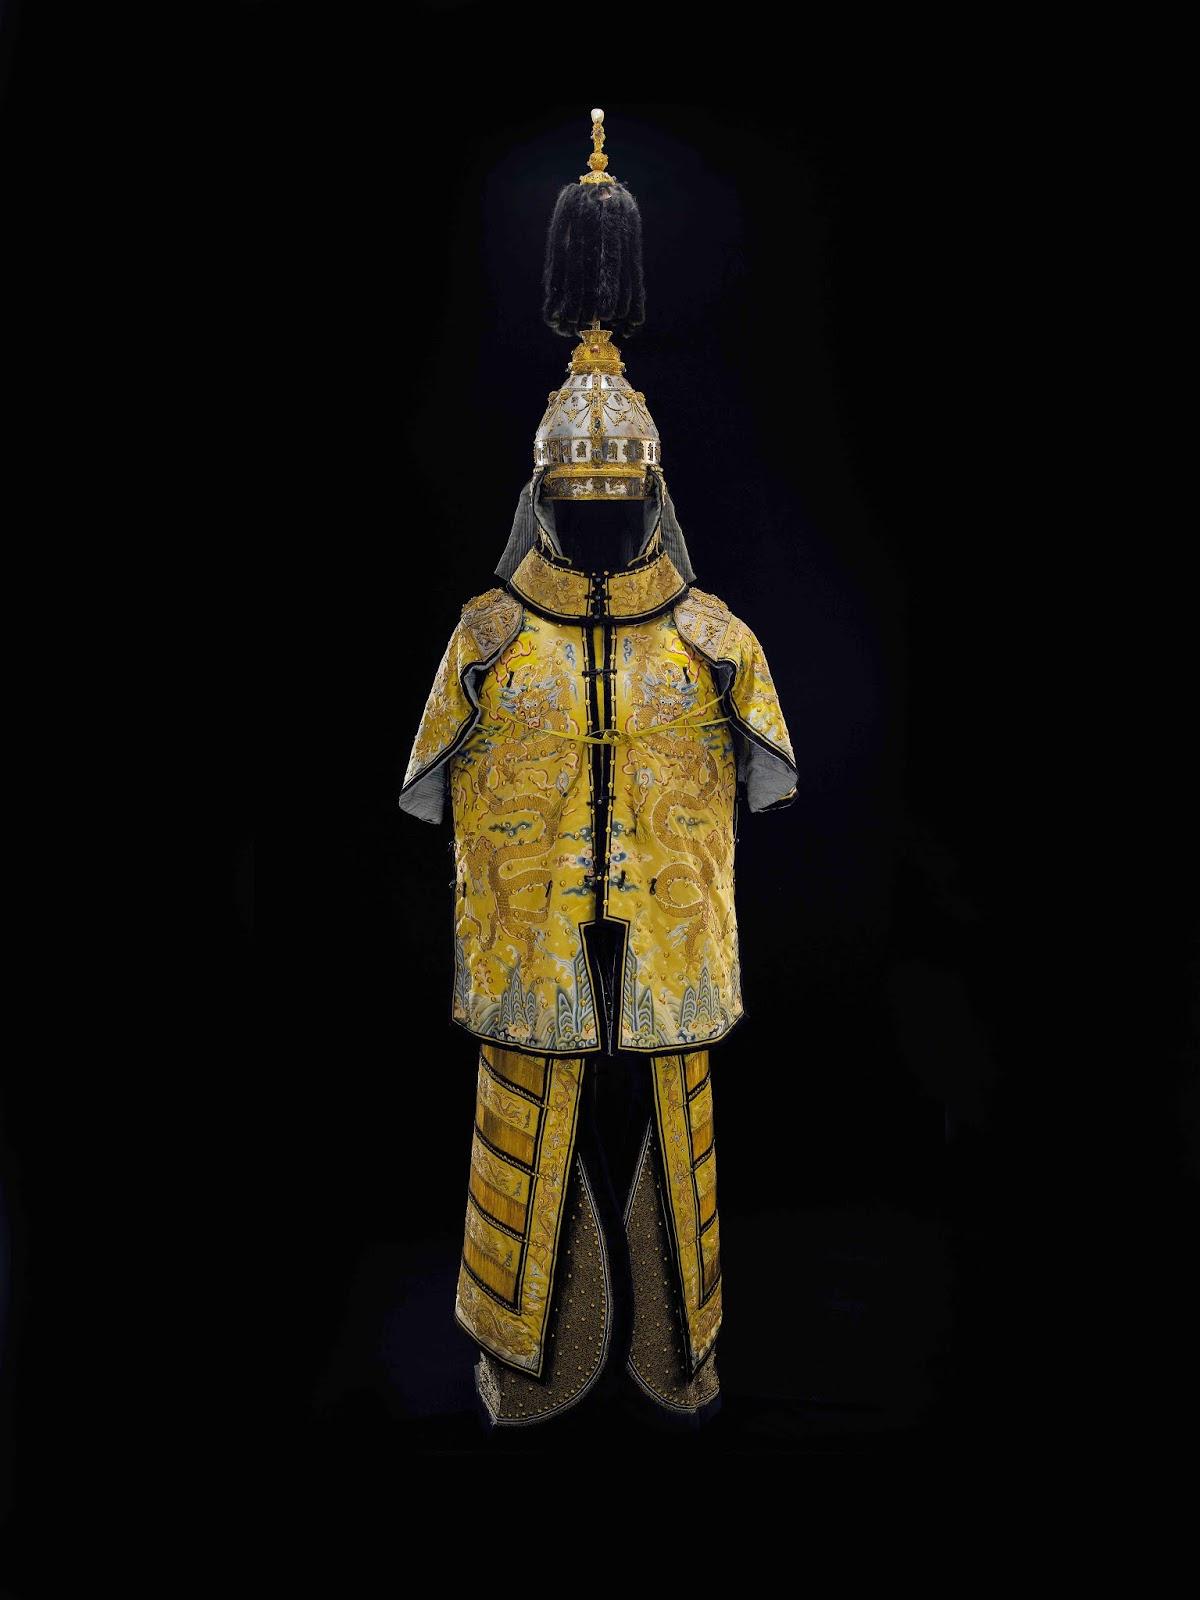 exposition chine impériale fondation Baur